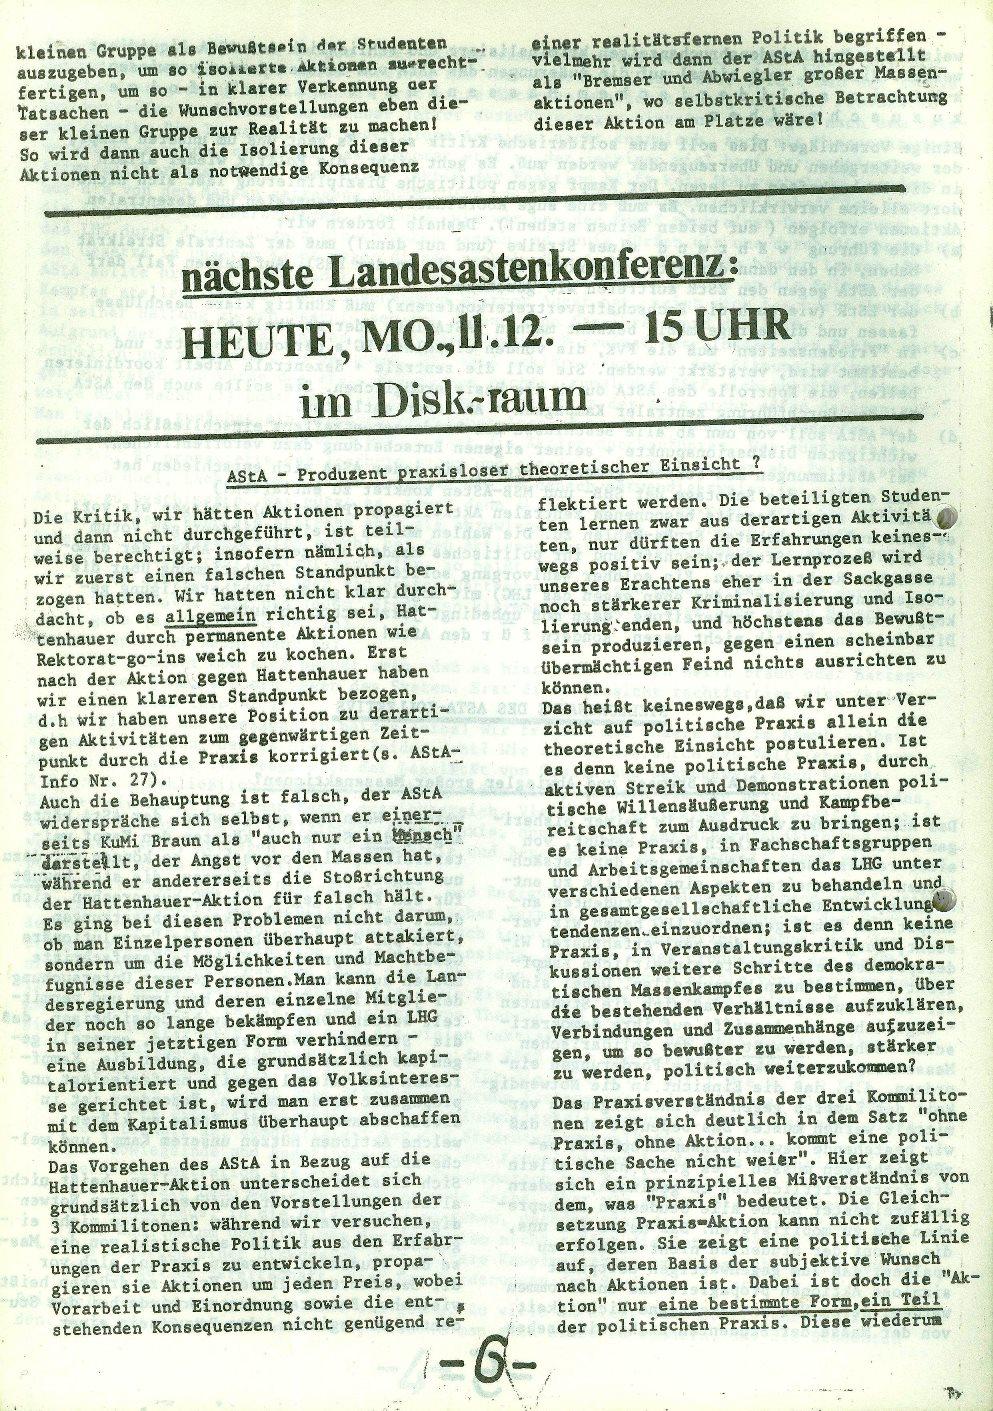 Kiel_Uni543